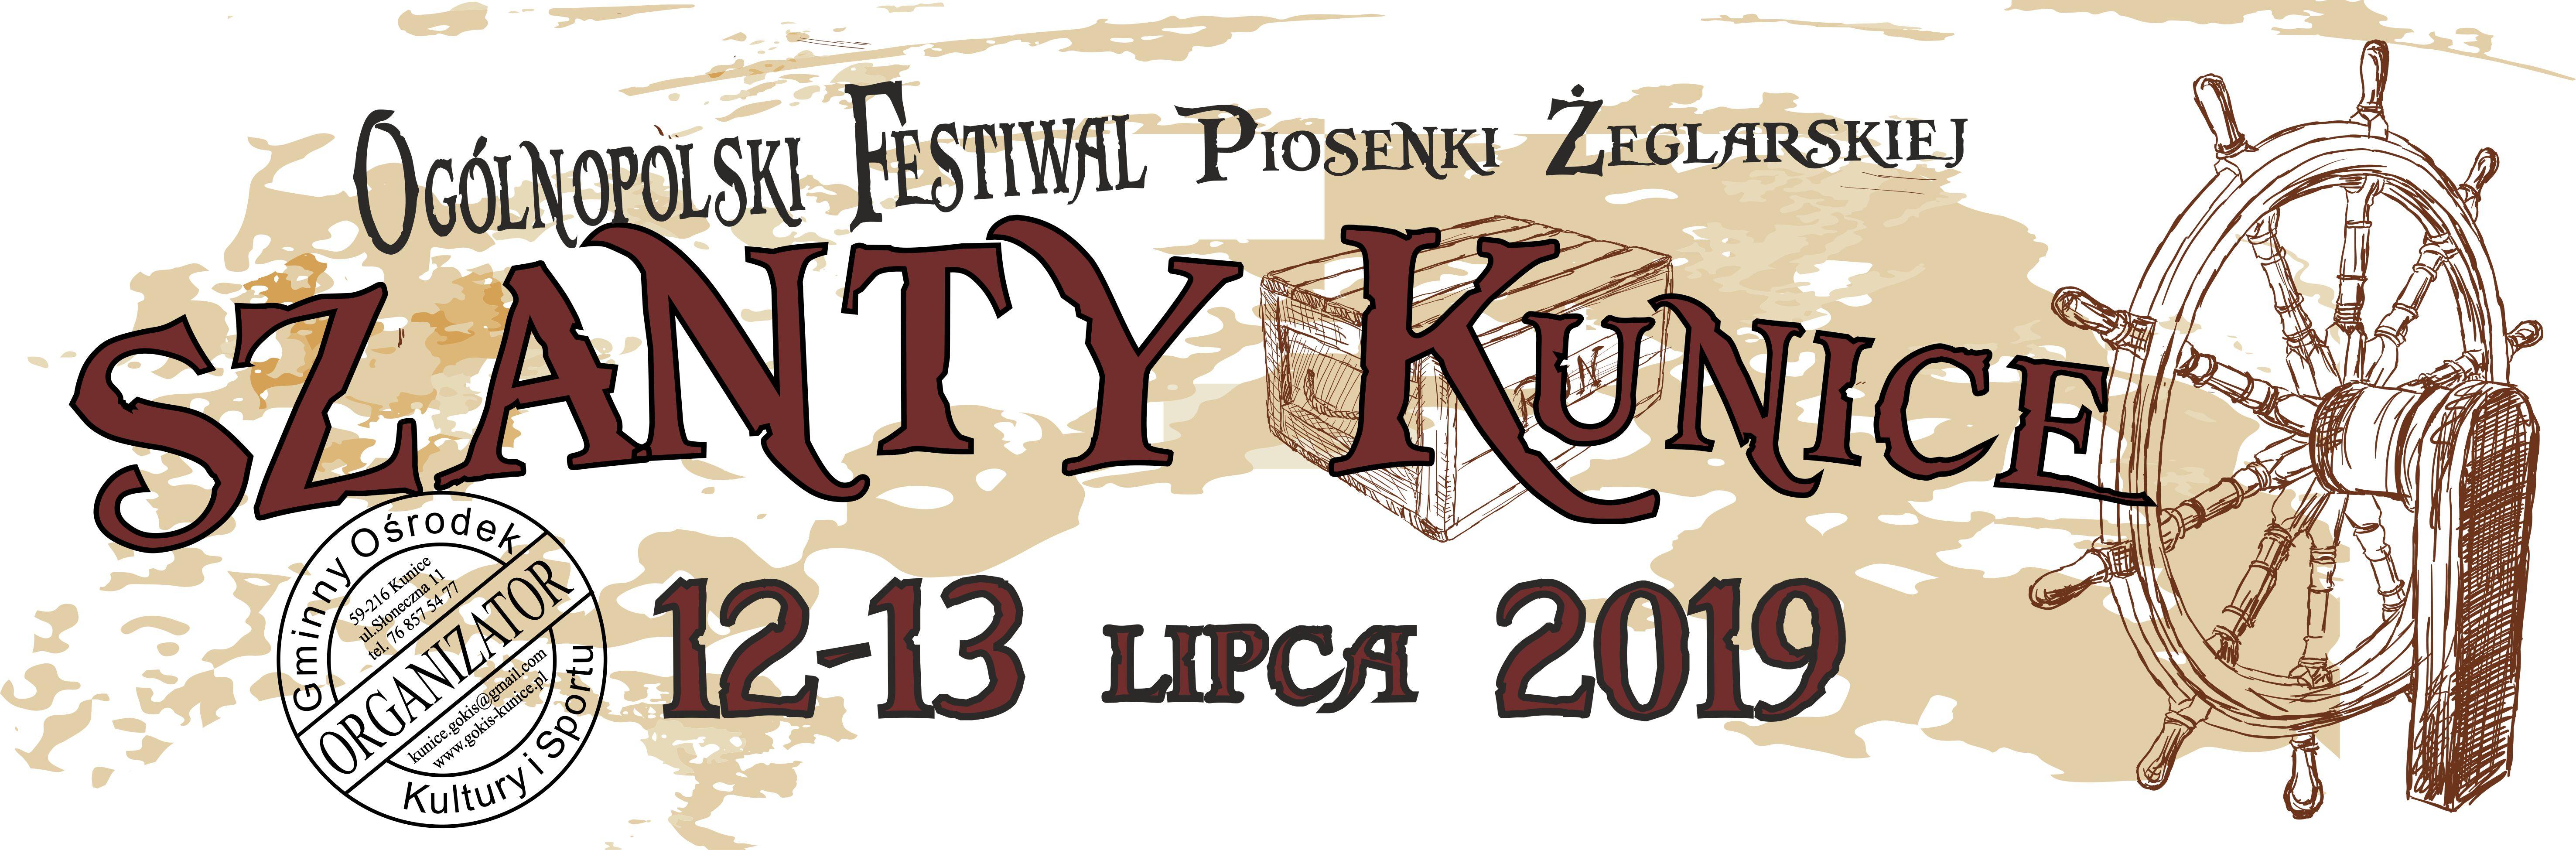 http://www.gokis-kunice.pl/imprezy/szanty/